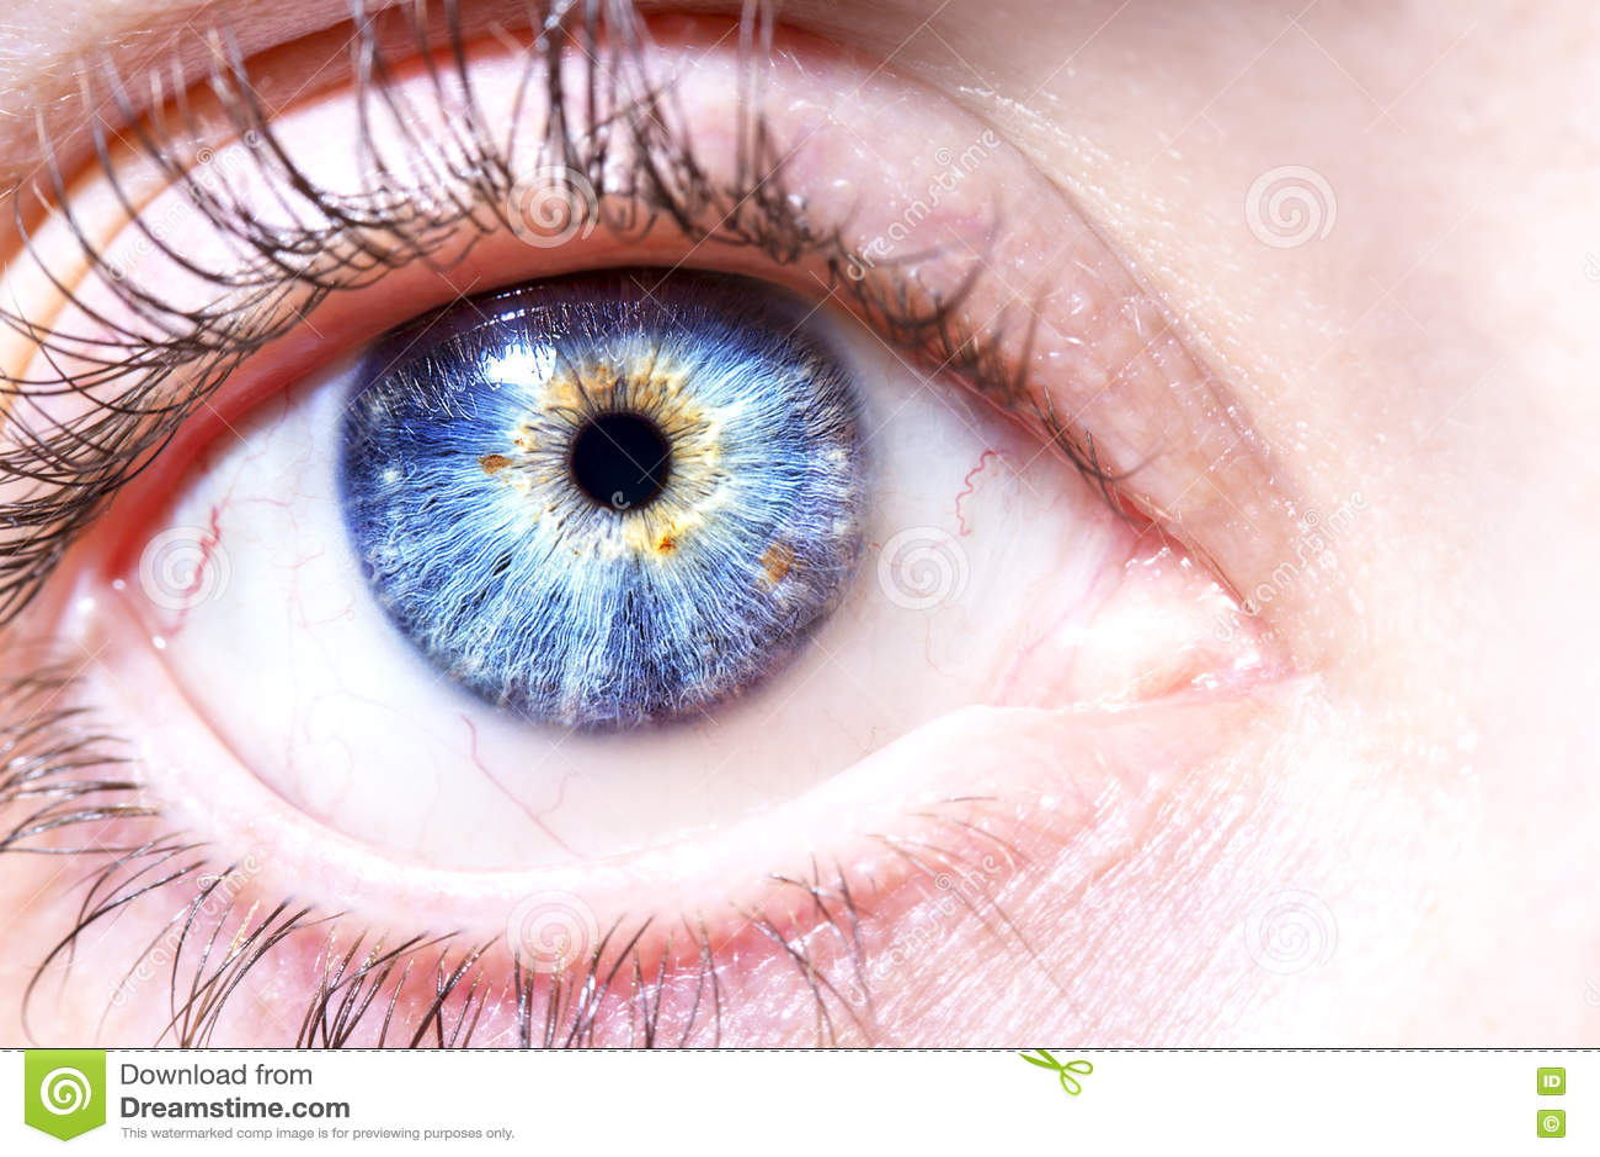 Schöne blaue Augen stockbild. Bild von augen, blaue, schöne - 3